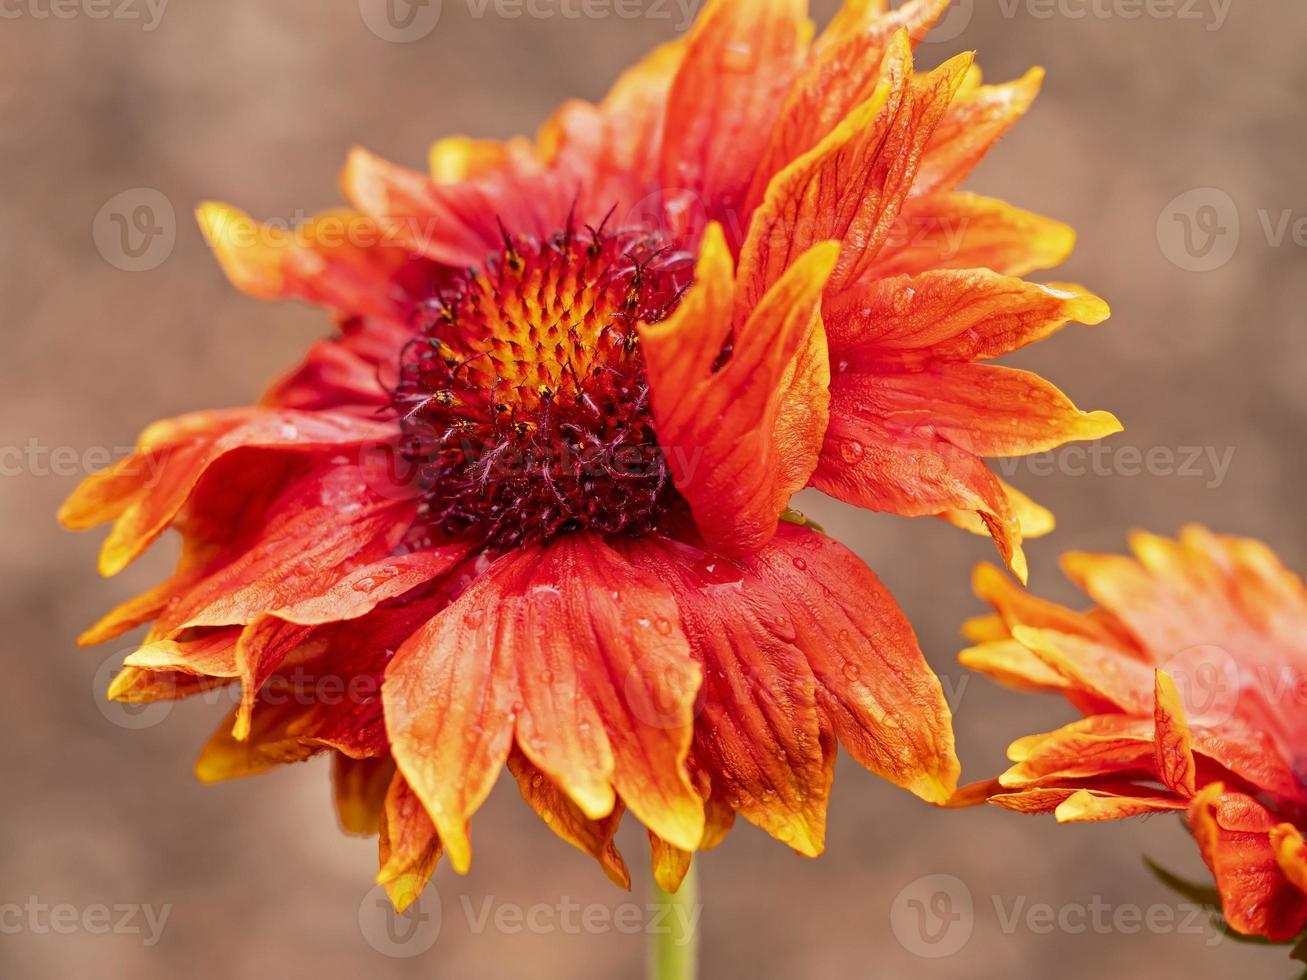 närbild av en blomma för Gaillardia grandiflora filt foto